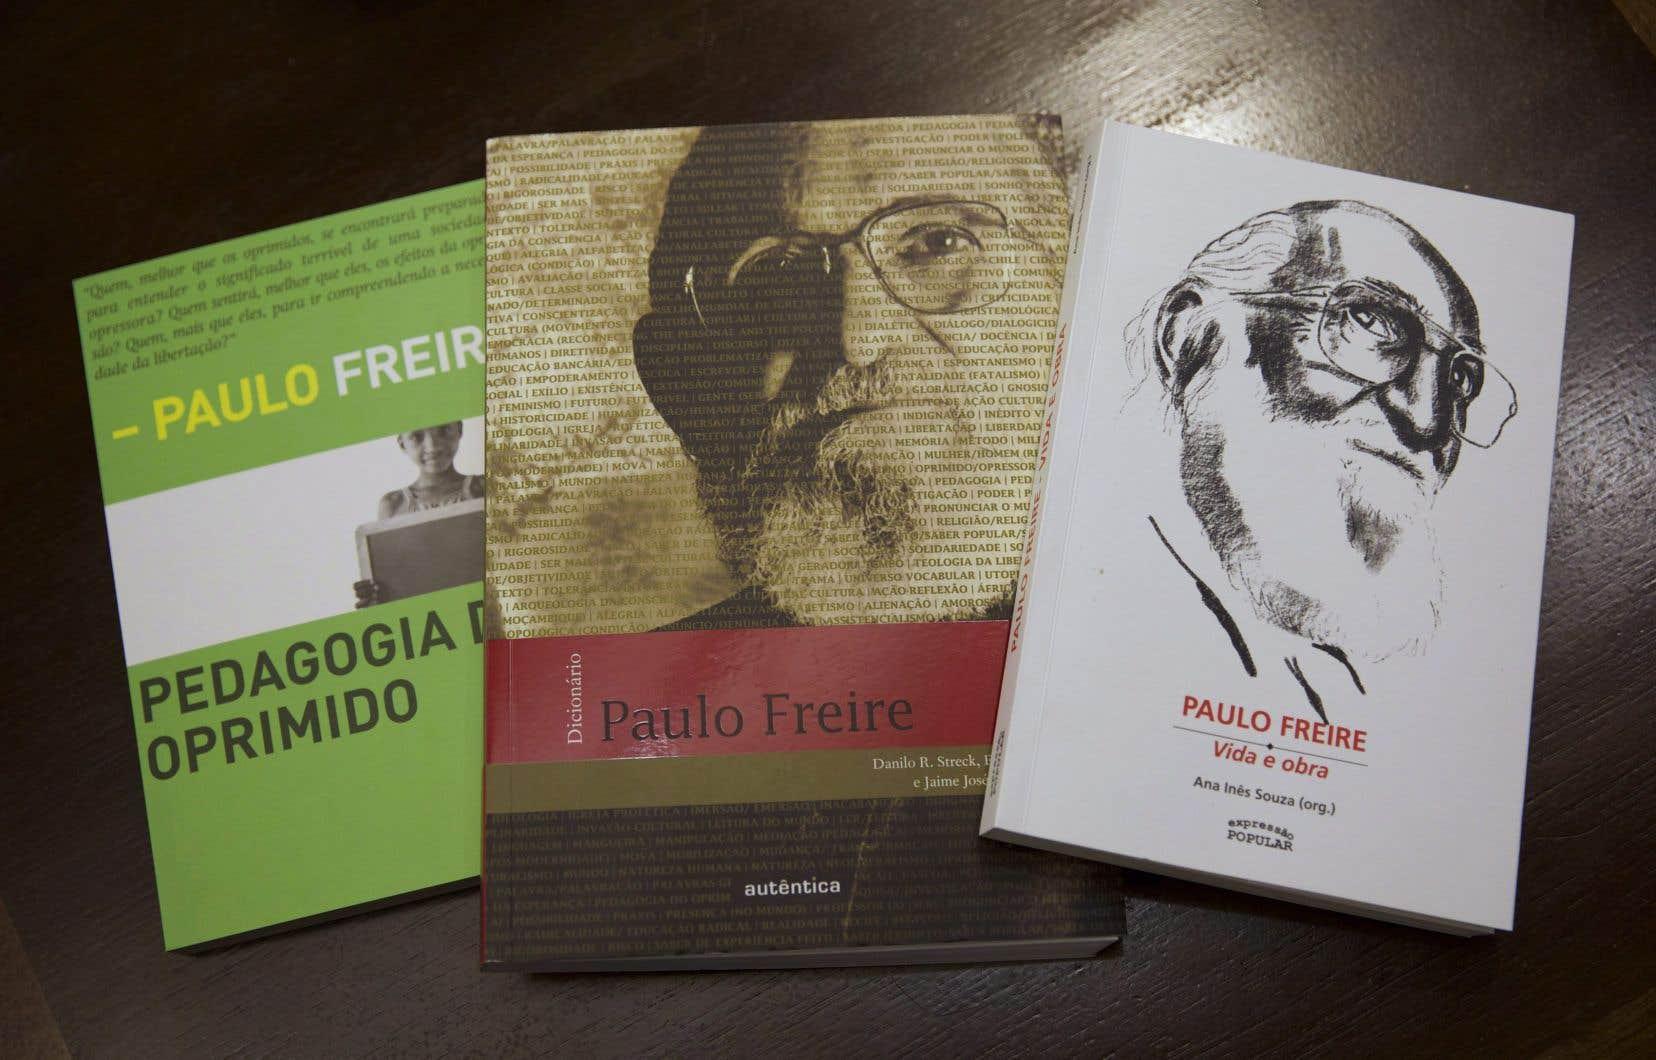 Des ouvrages de Paulo Freire, dans une bibliothèque publique de Rio de Janeiro, au Brésil.